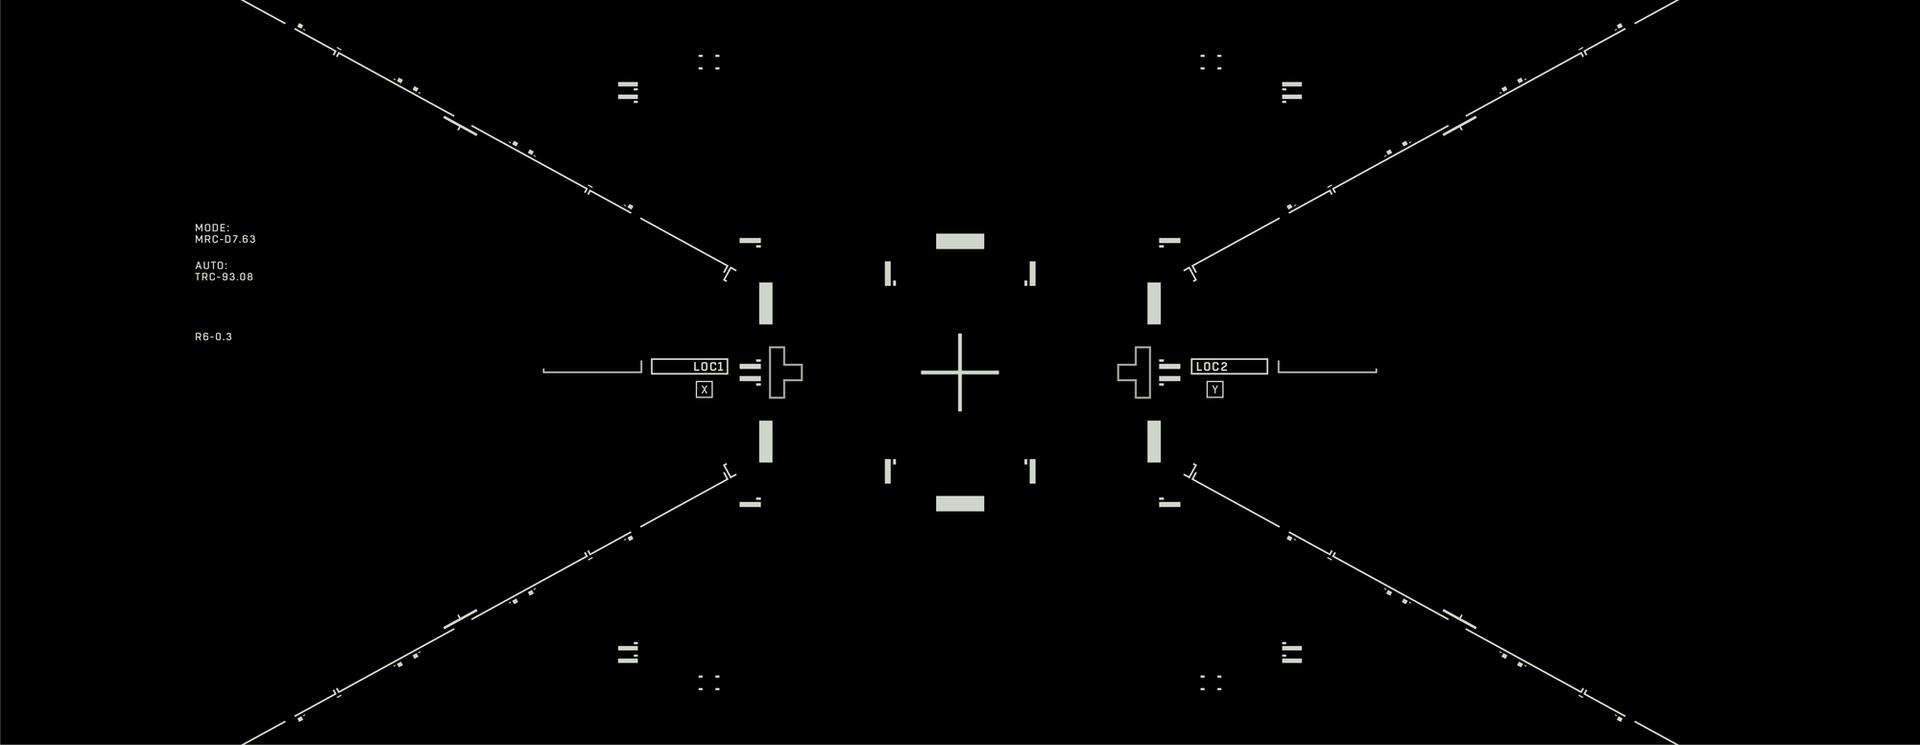 HUD_states_v01-04.png